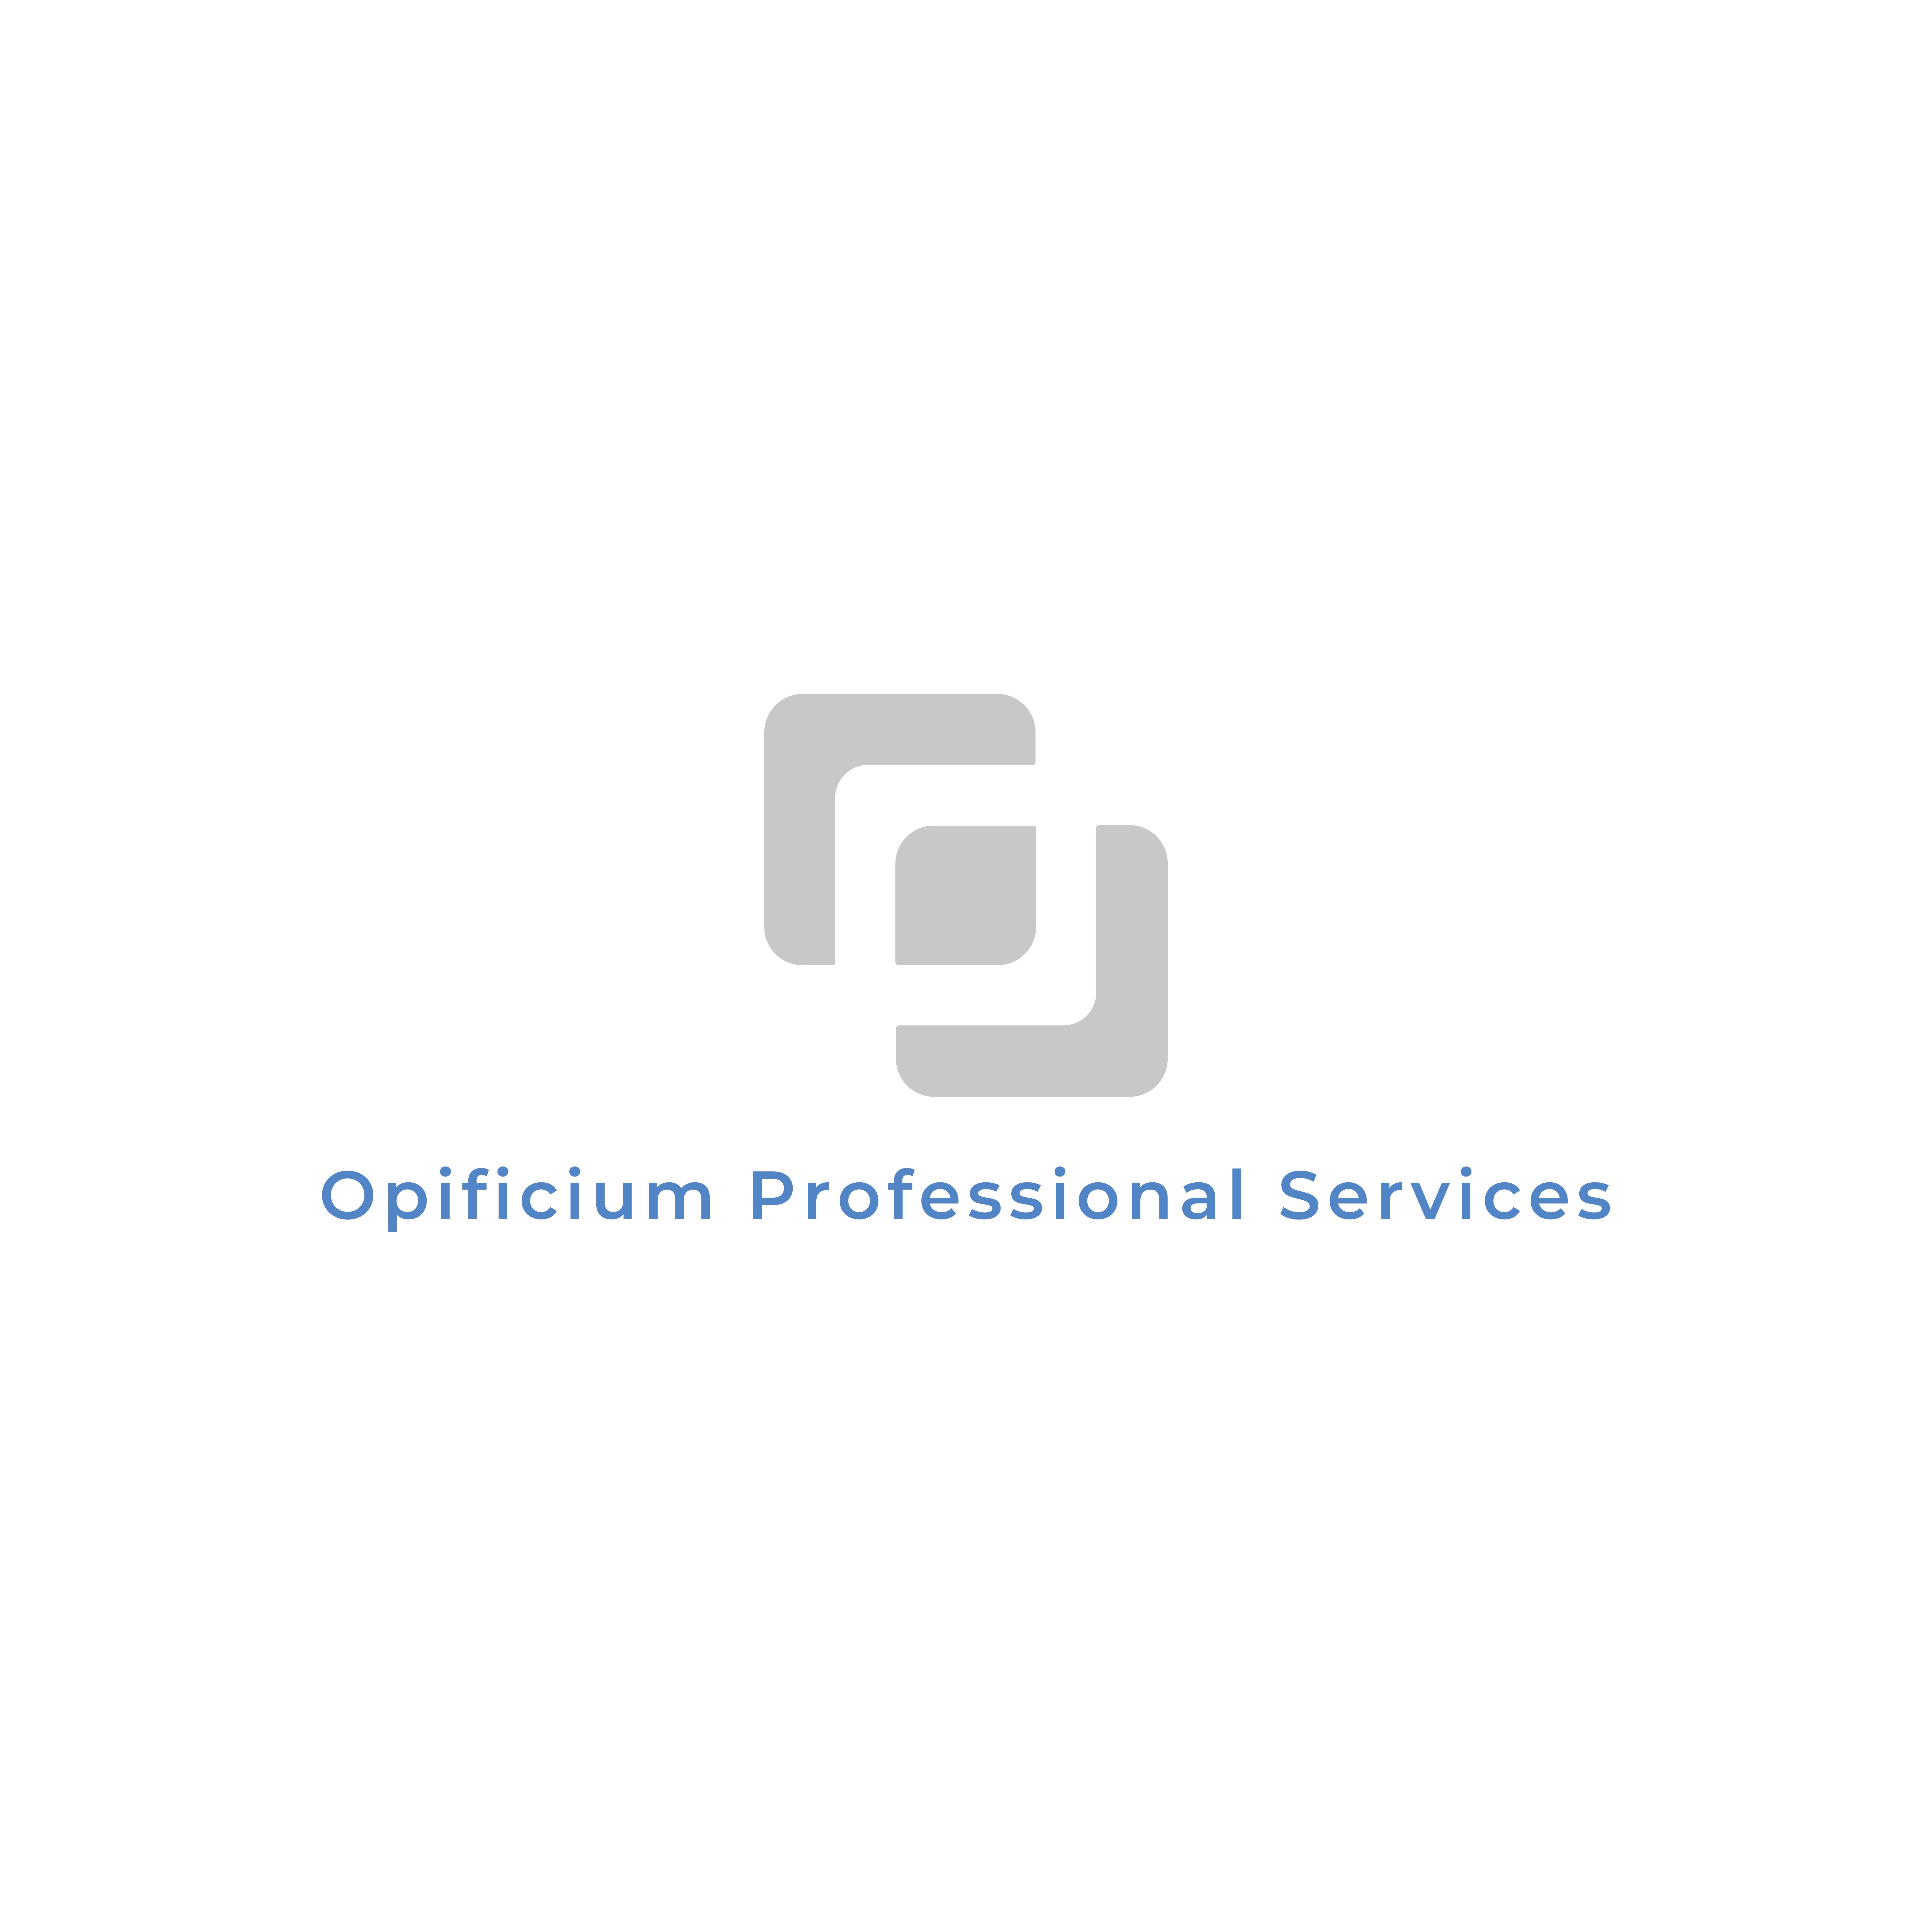 Opificium Professional Services